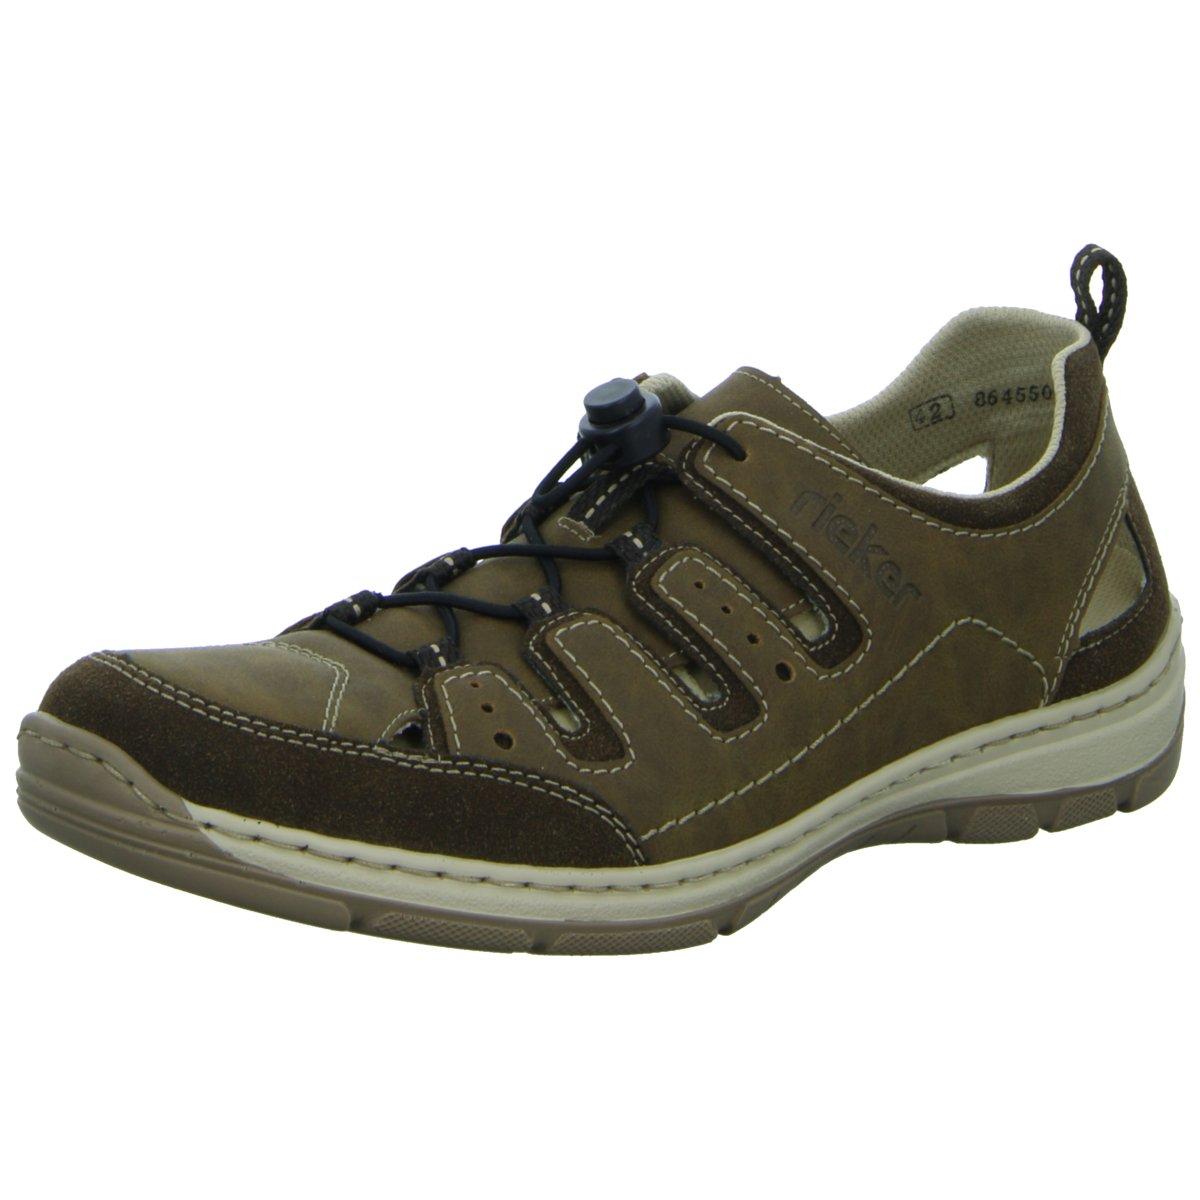 NEU Rieker Herren Schnuerschuhe oder Sandalette Ferse geschlossen sportlicher oder Schnuerschuhe 799f1e